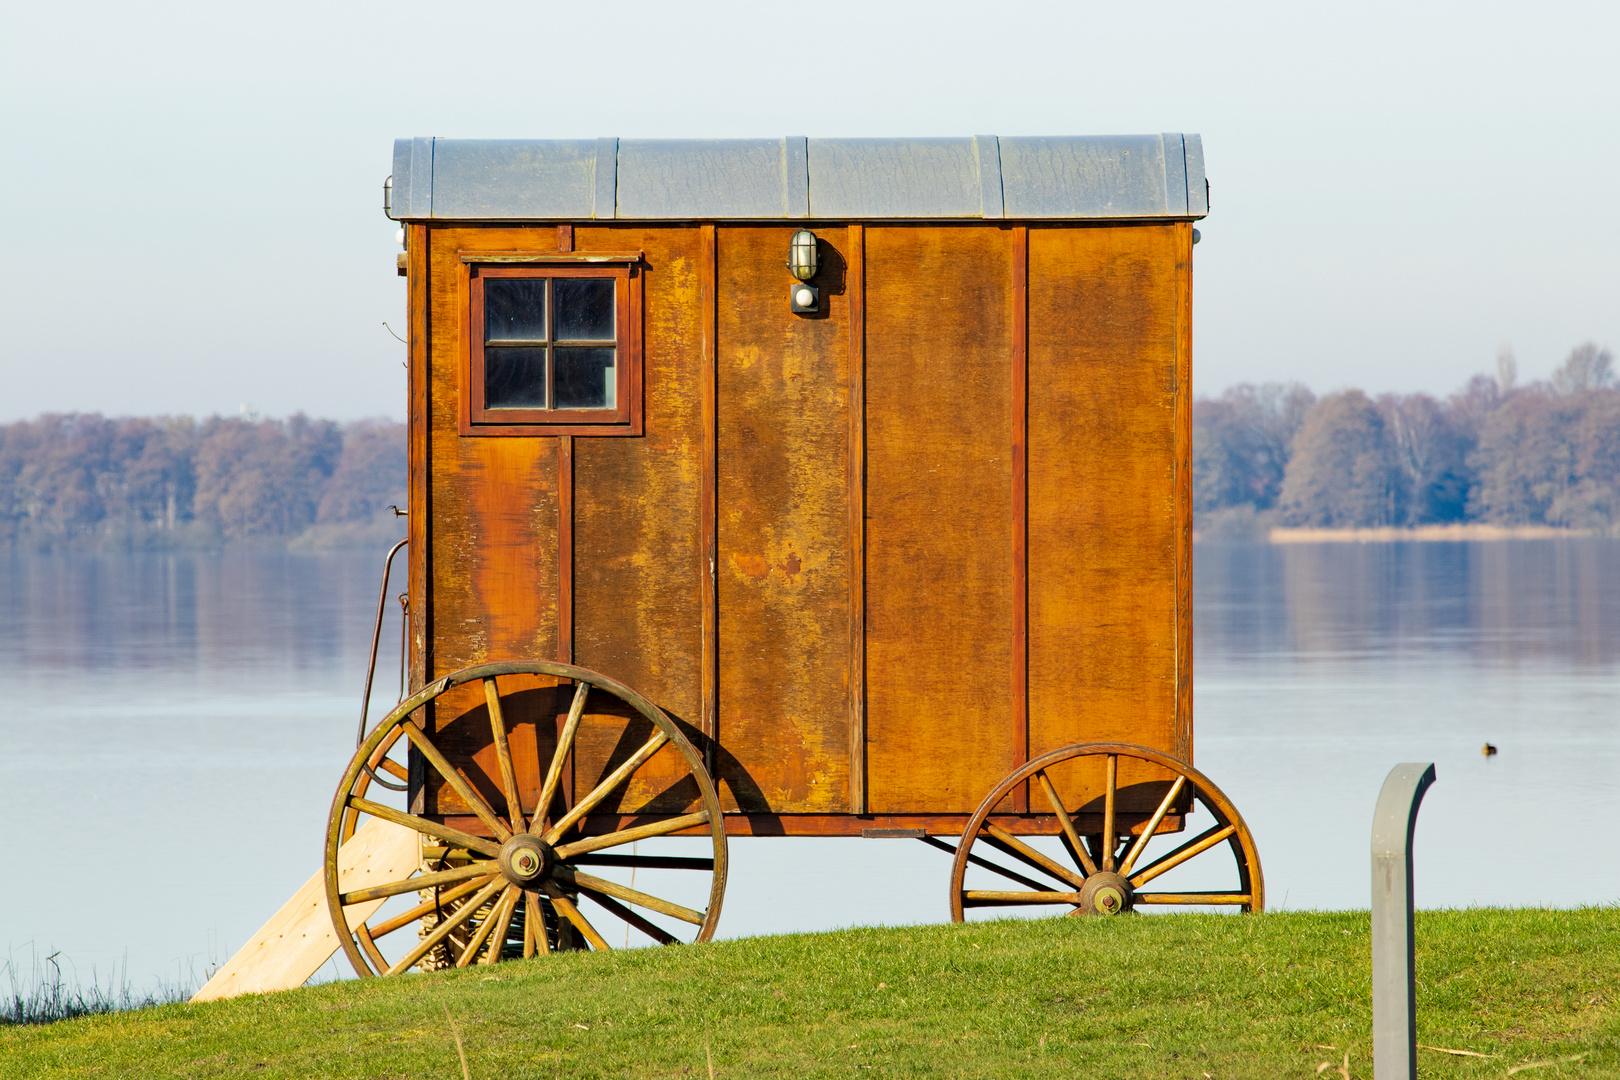 Mobile Sauna in Bad Zwischenahn